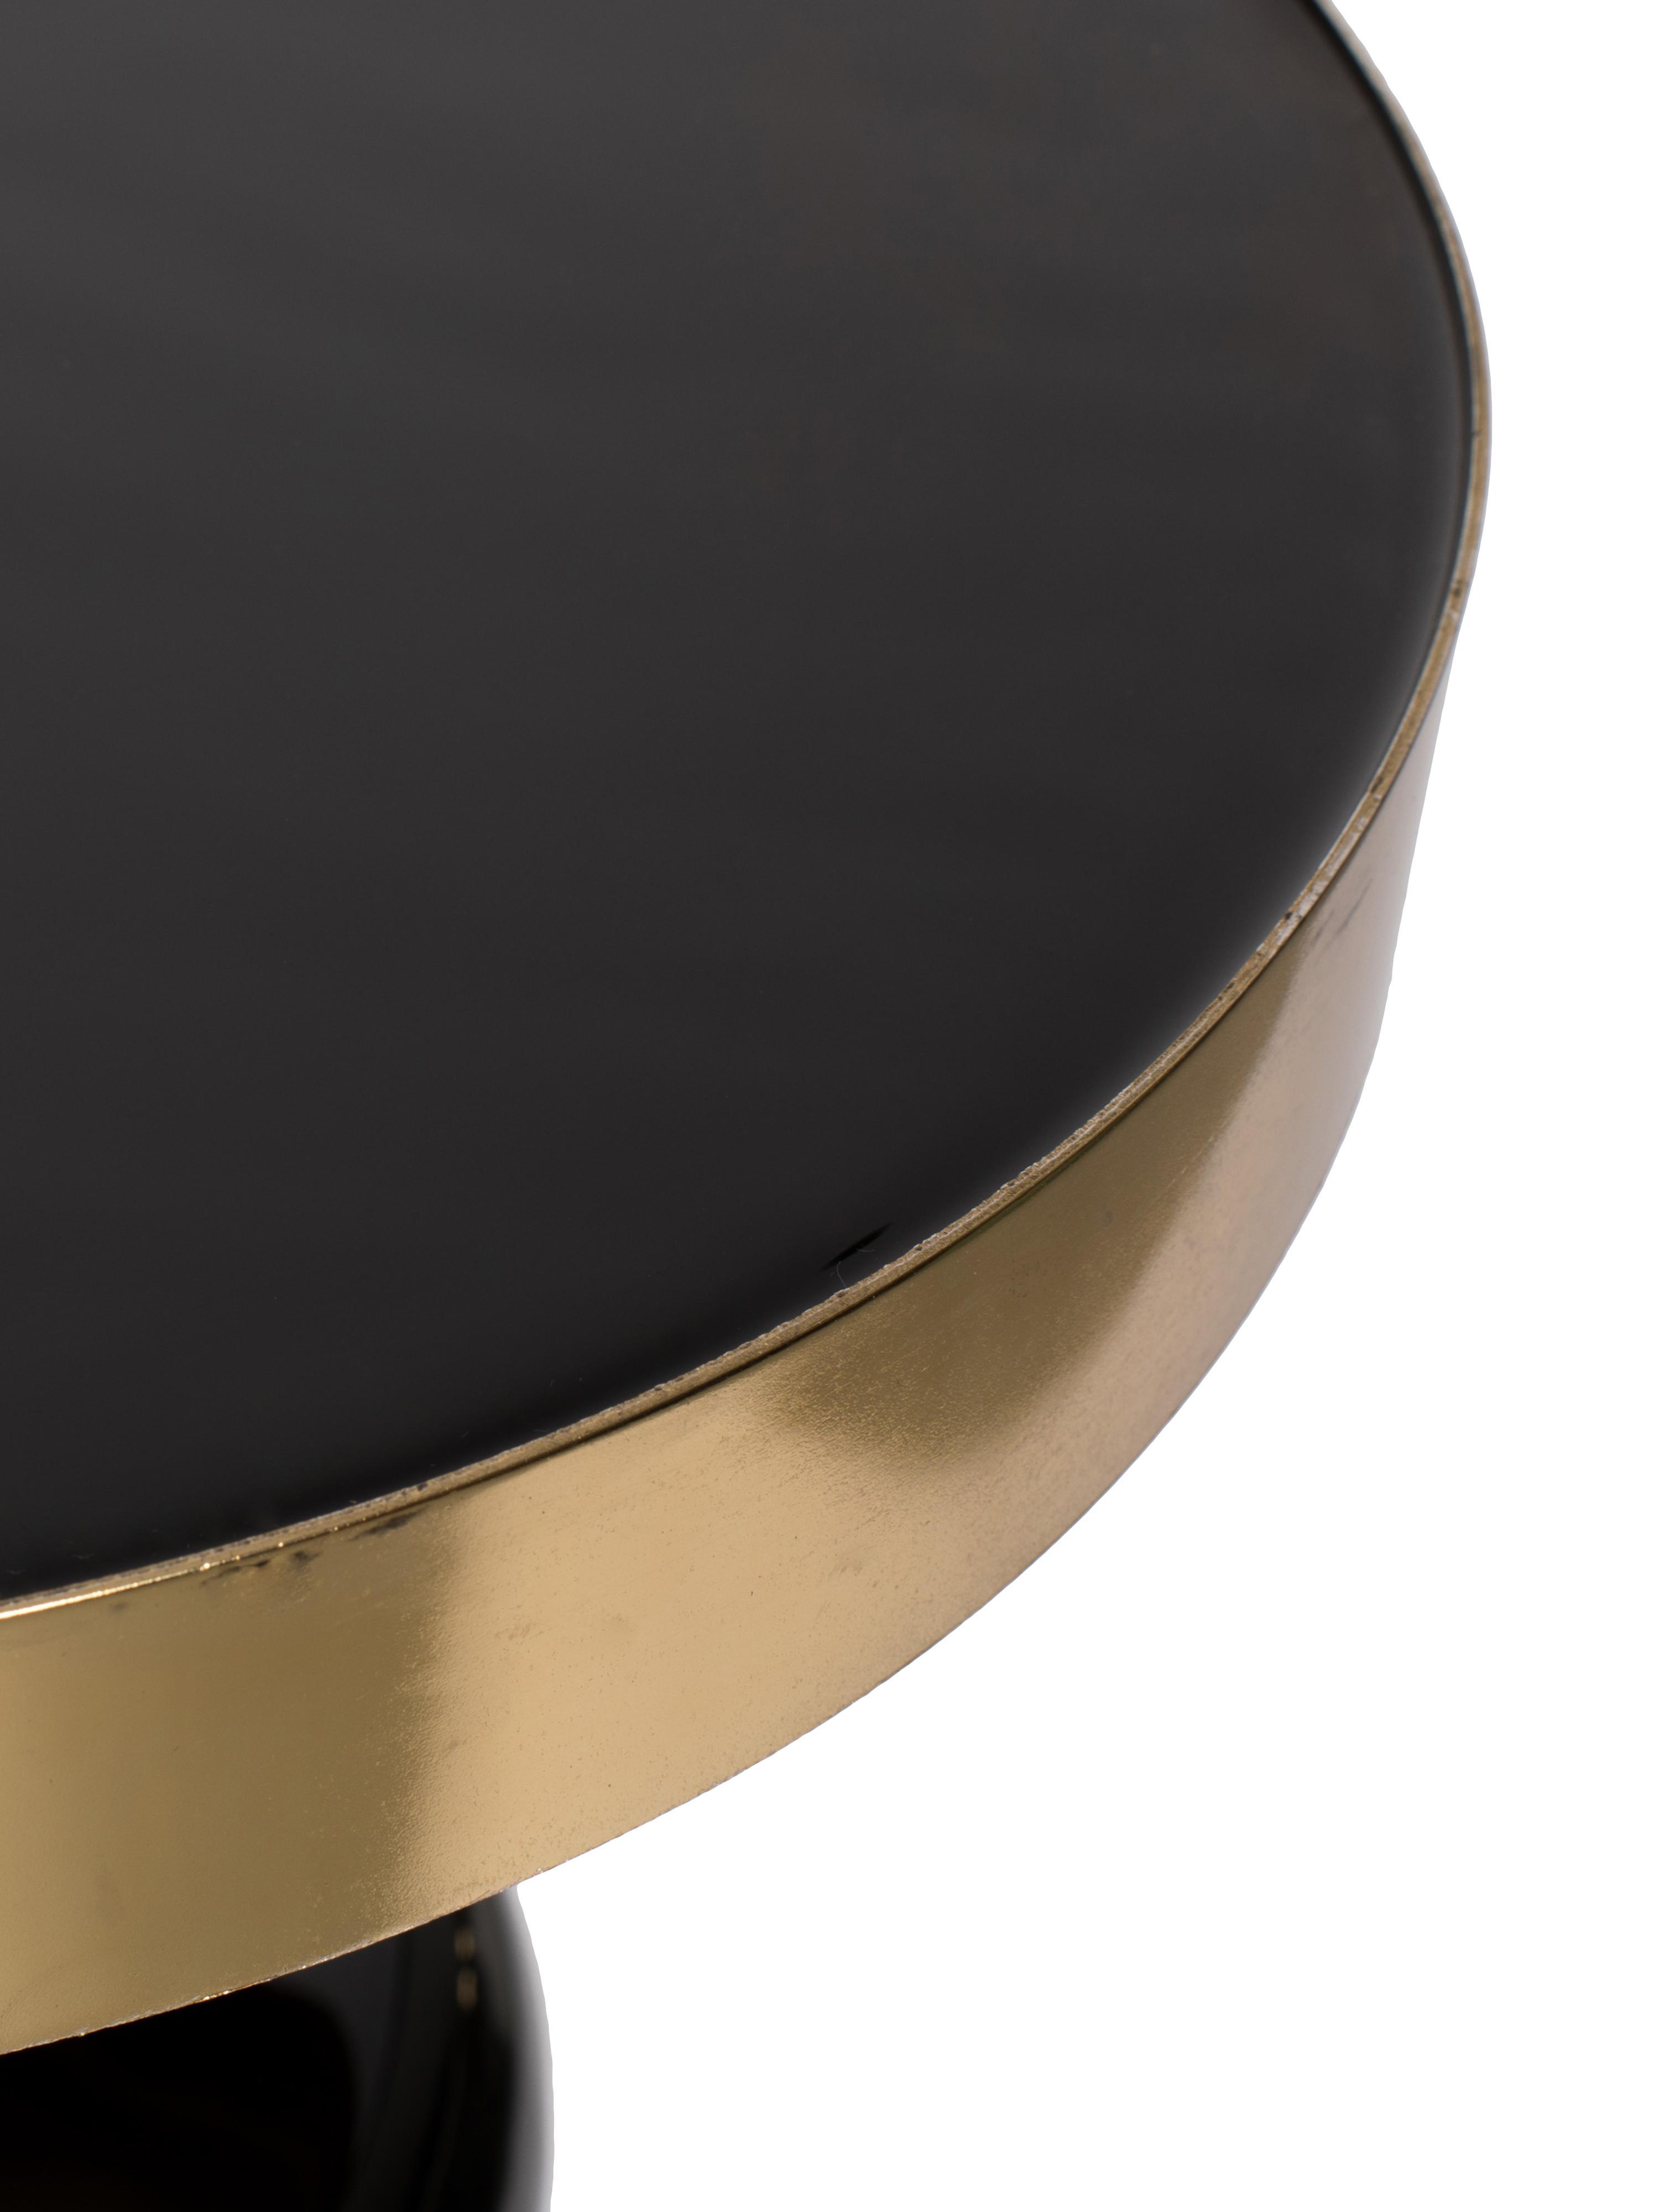 Emaille-Beistelltisch Glam in Schwarz, Tischplatte: Metall, emailliert, Gestell: Metall, pulverbeschichtet, Schwarz, Ø 36 x H 51 cm